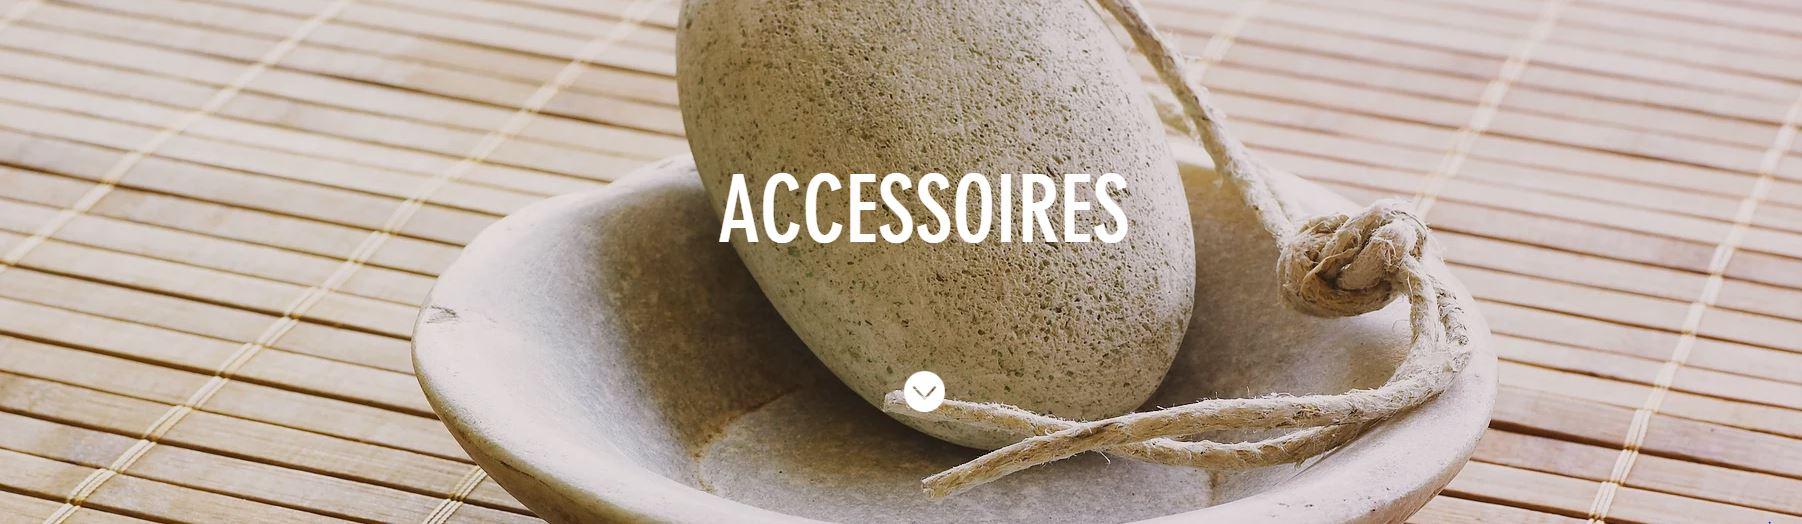 Accessoires_WIX.JPG